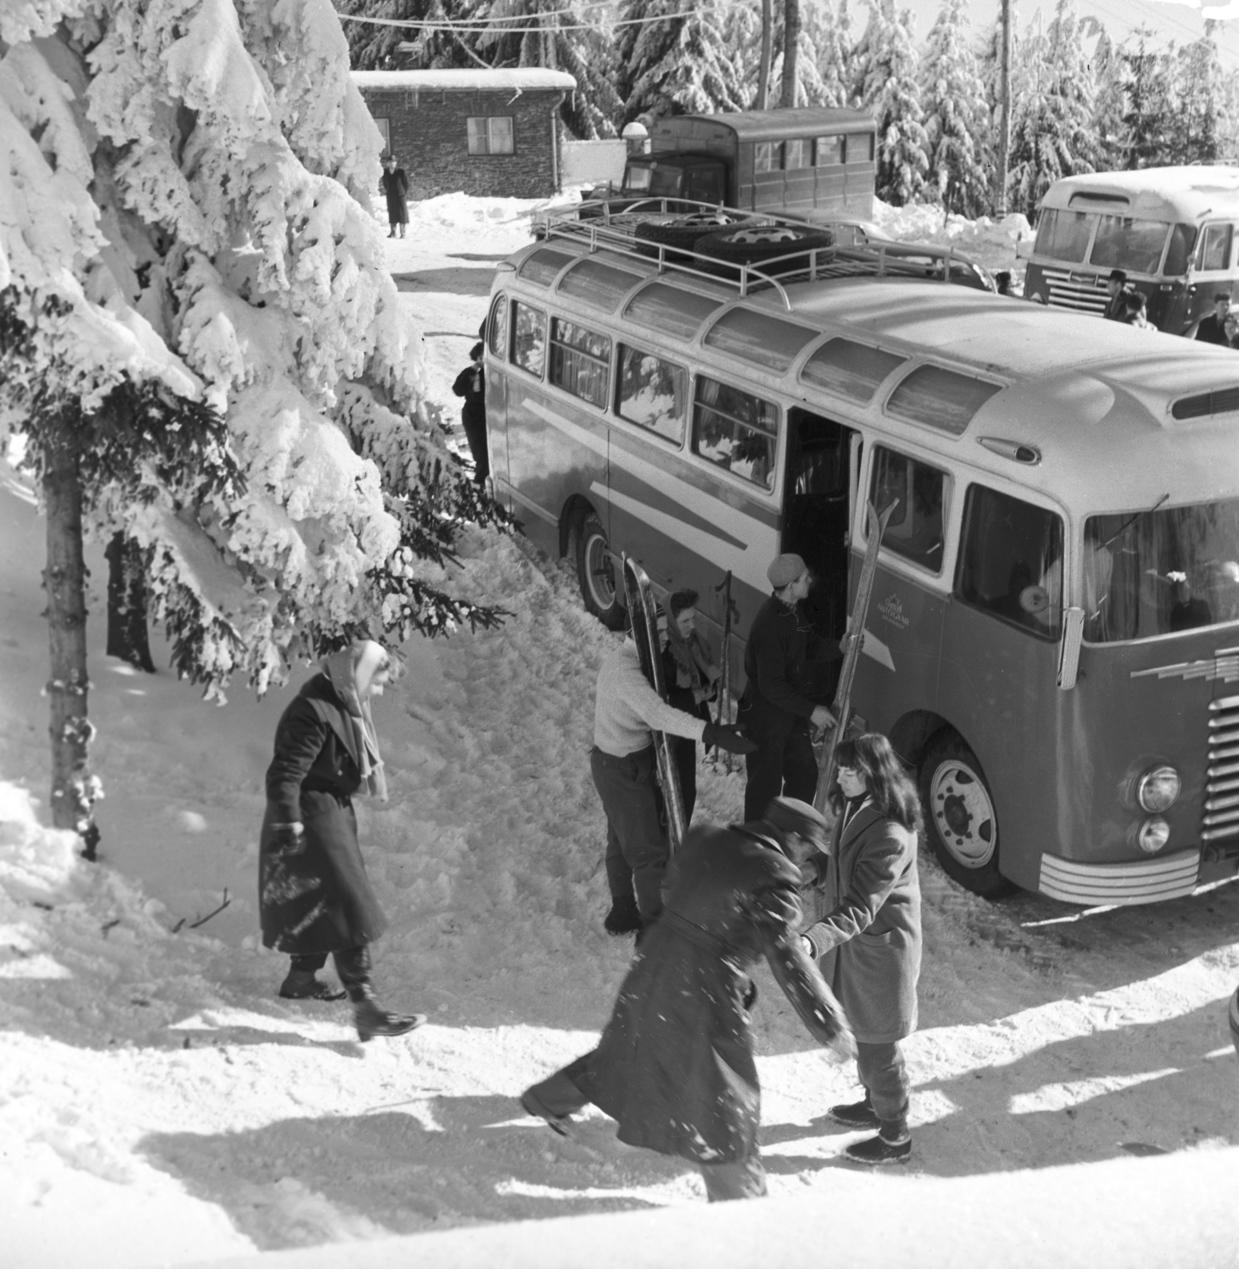 Kékestető, 1959. január 17. Síelők, kirándulók érkeznek az IBUSZ hétvégi buszjáratával Kékestetőre. MTI Fotó: Vadas Ernő